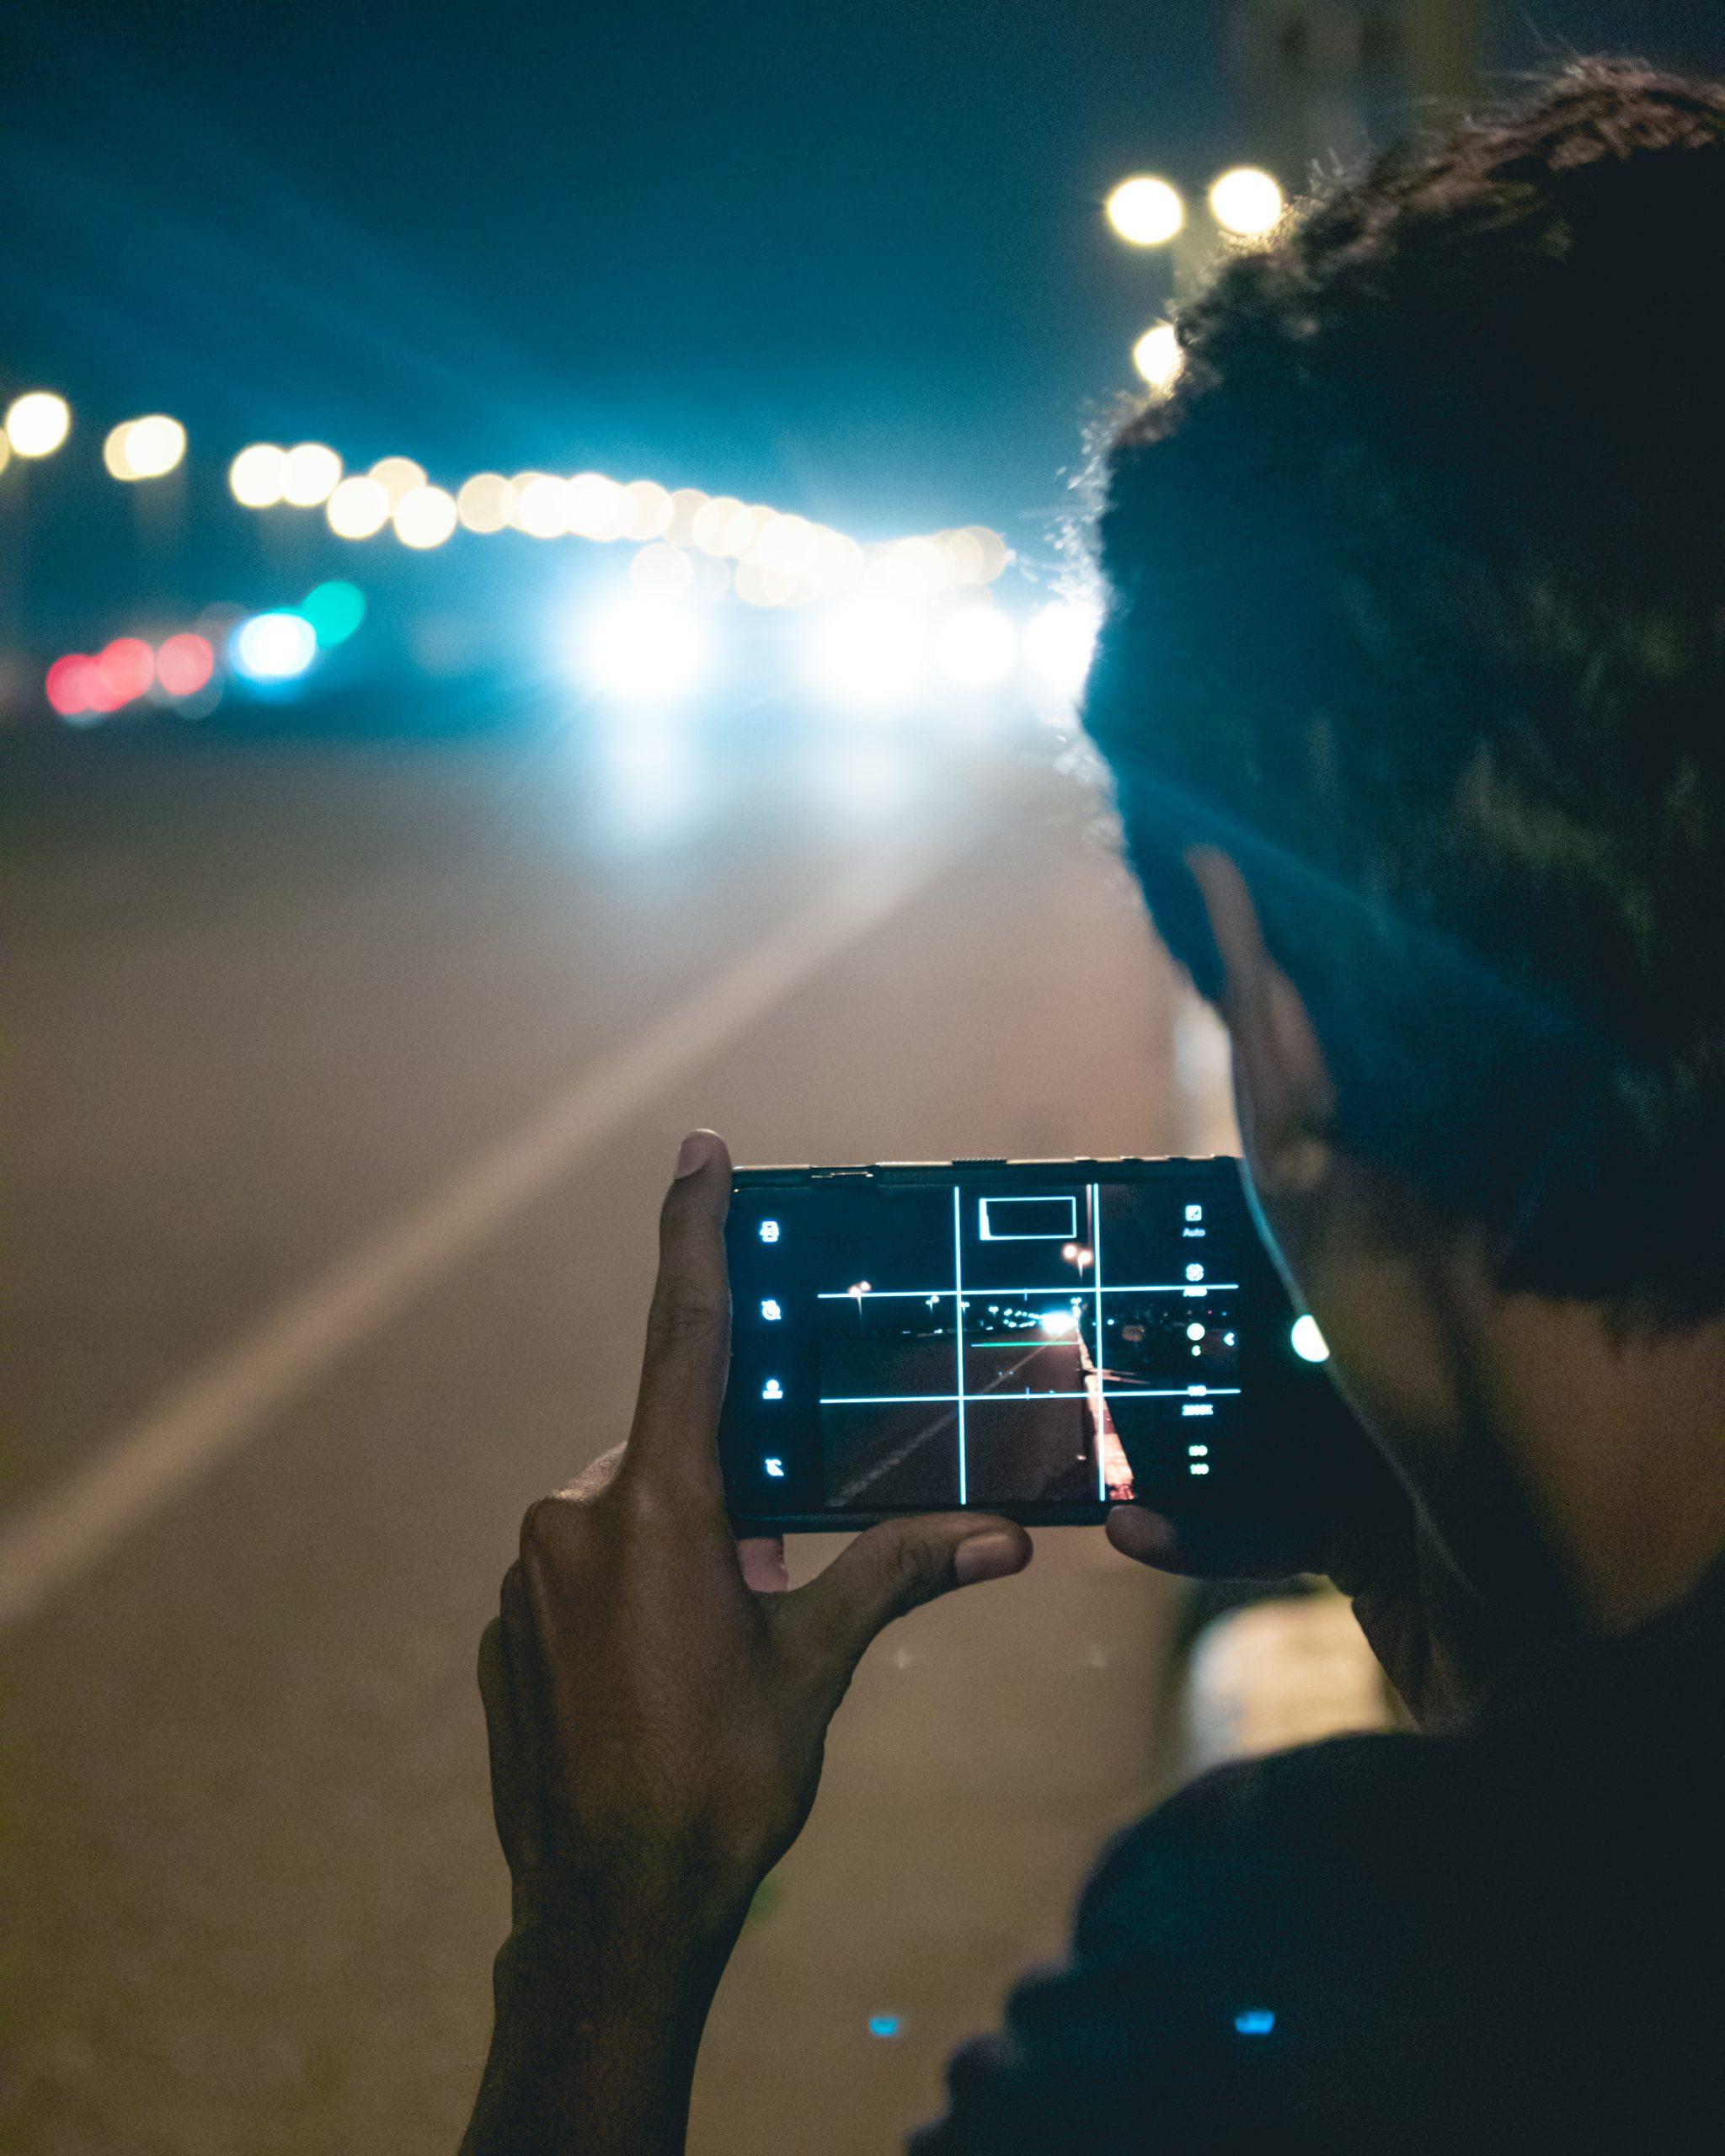 Boy taking photo of vehicles